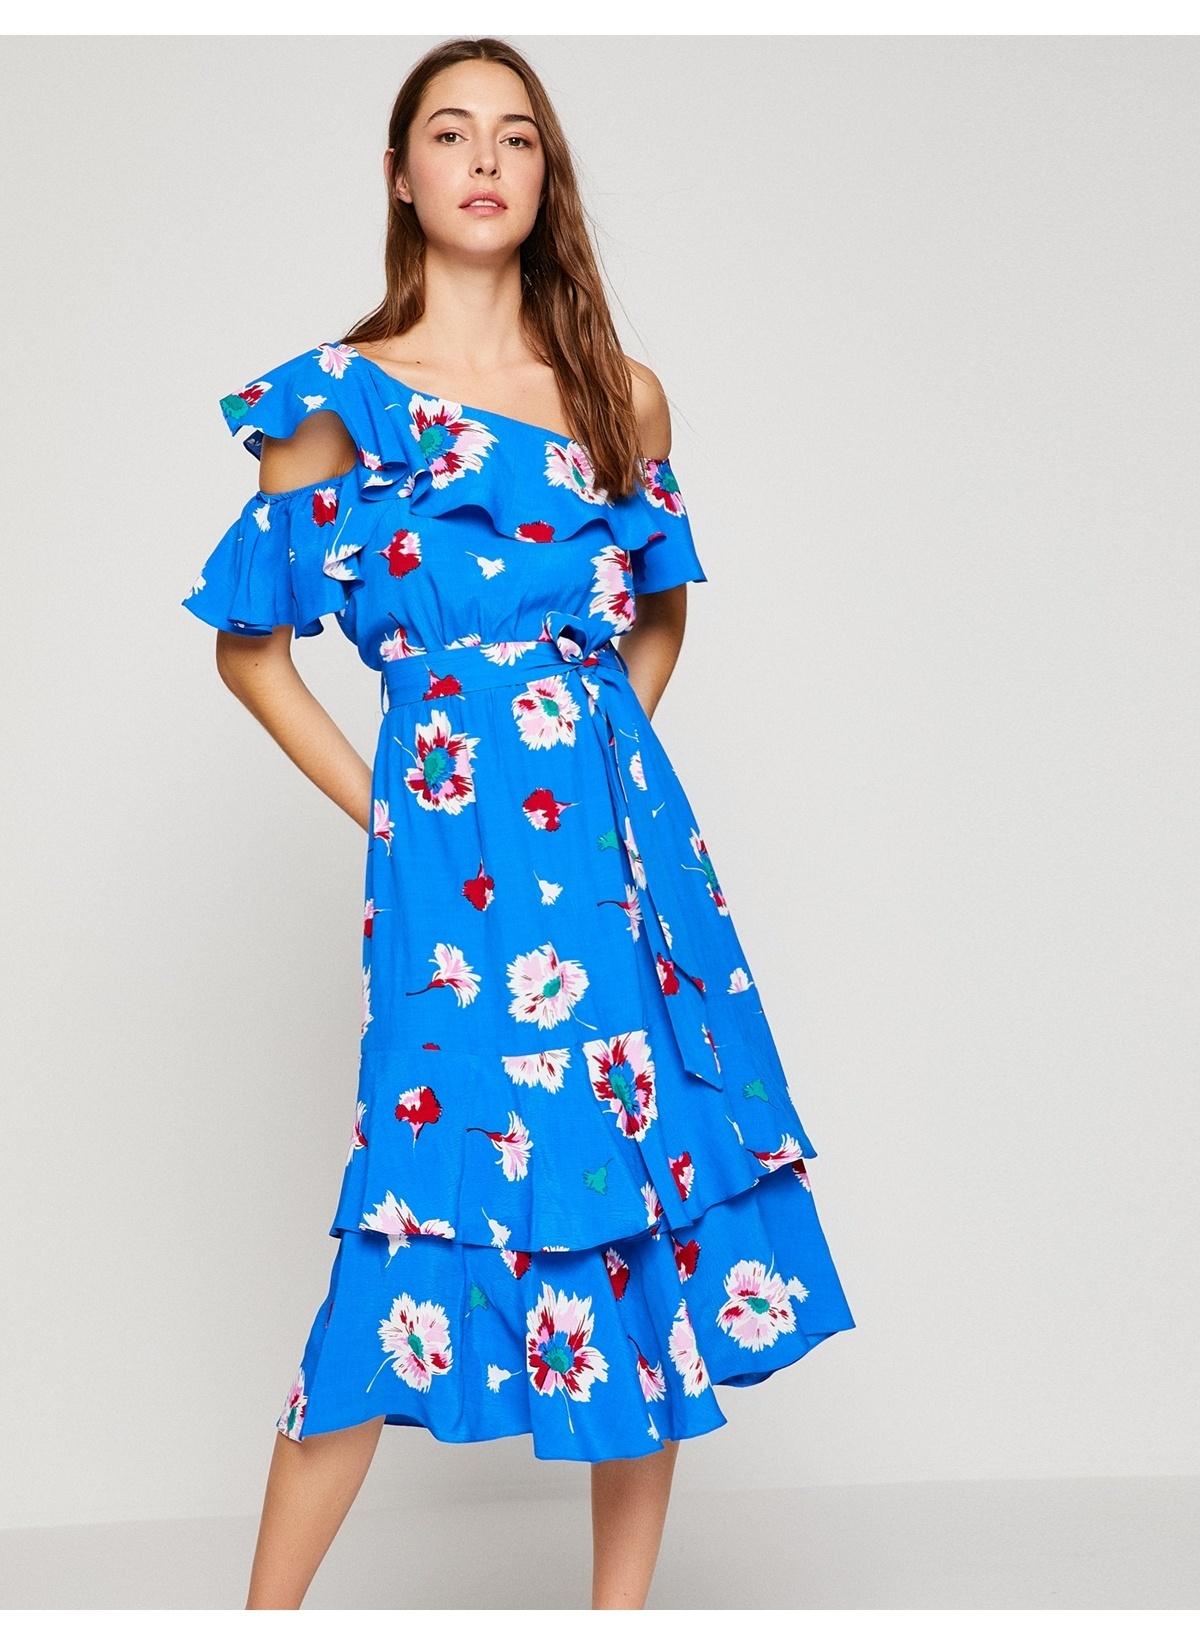 24c6a878ad38b Koton Kadın Tek Omzu Açık Fırfırlı Desenli Midi Elbise Mavi Desenli ...